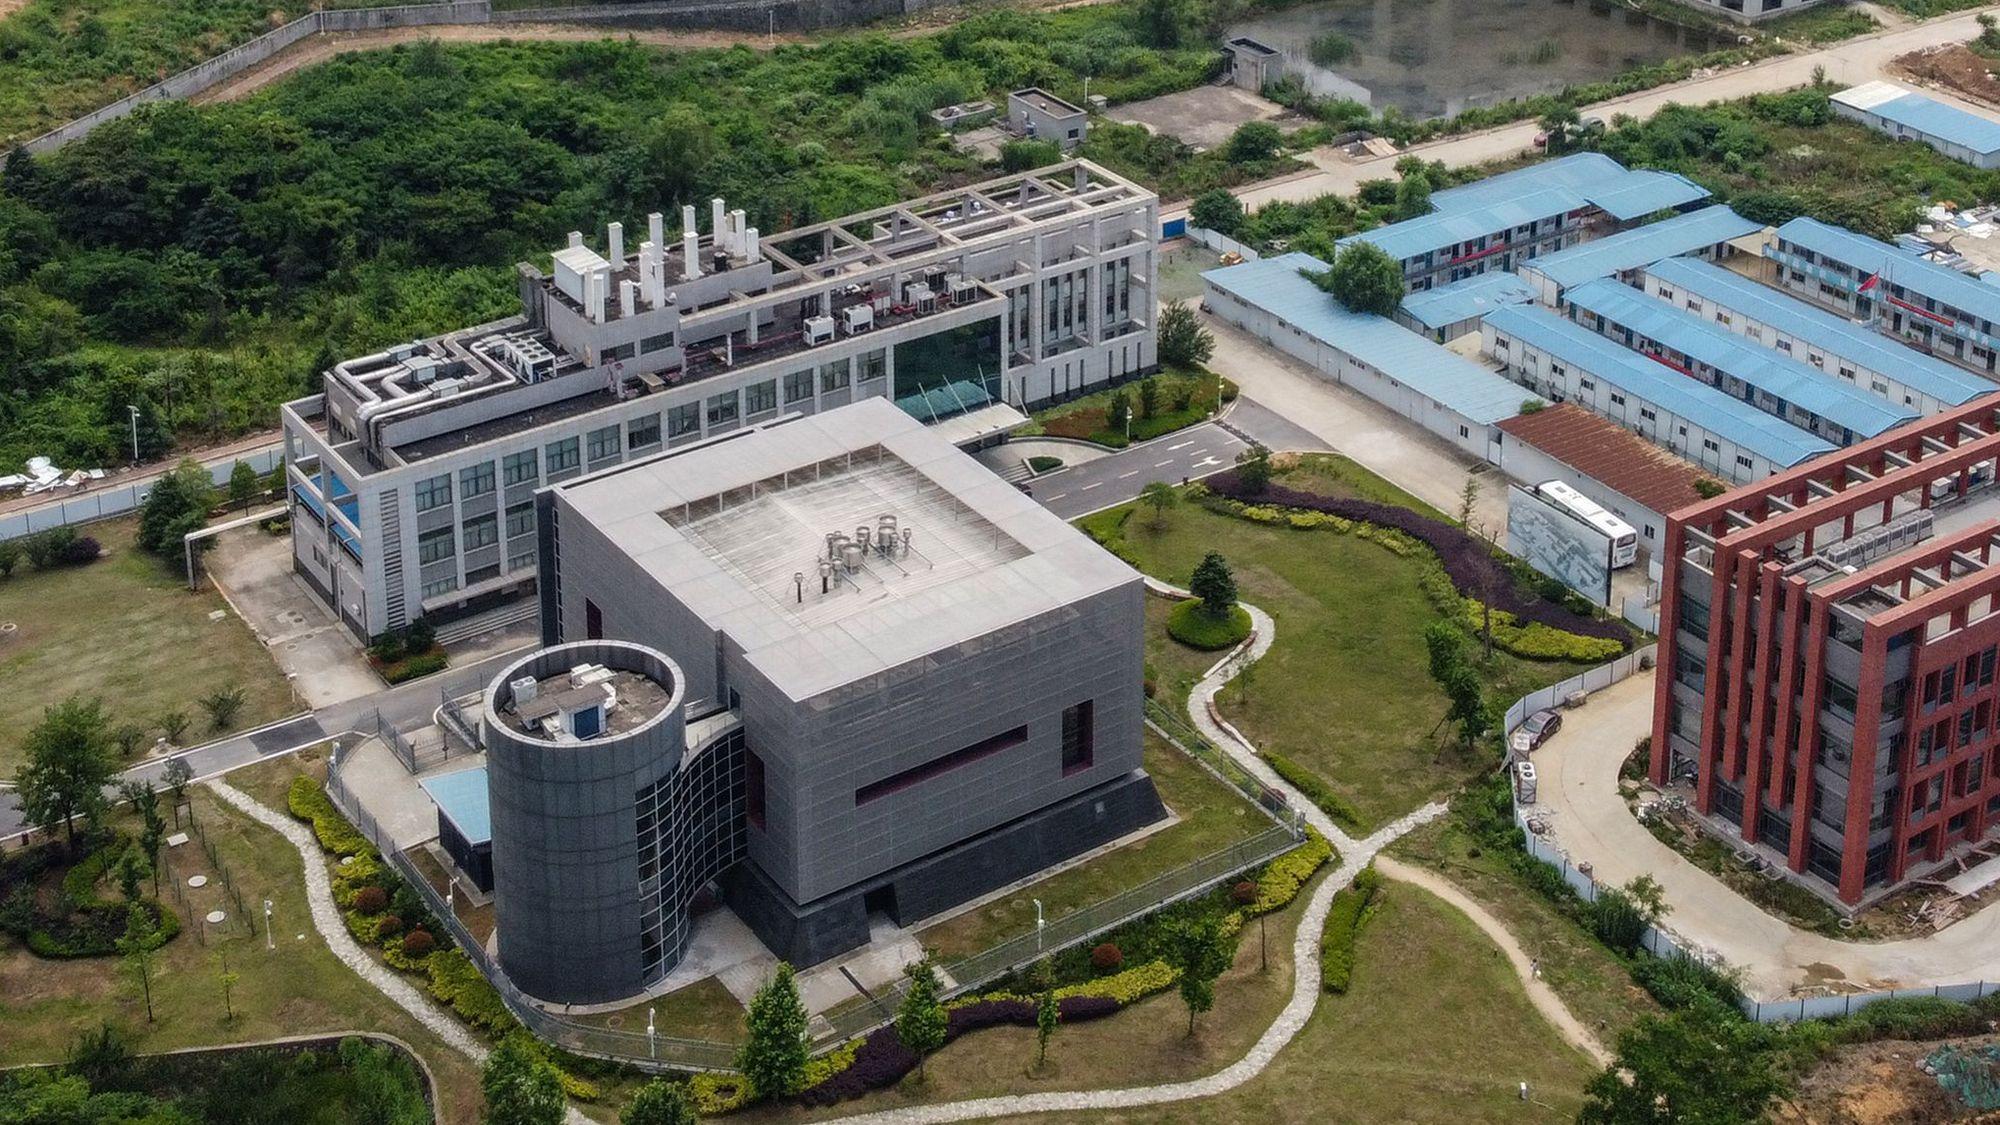 vue-aerienne-du-laboratoire-p4-l-sur-le-campus-de-l-institut-de-virologie-de-wuhan-dans-la-province-centrale-du-hubei-en-chine-le-27-mai-2020_6306540